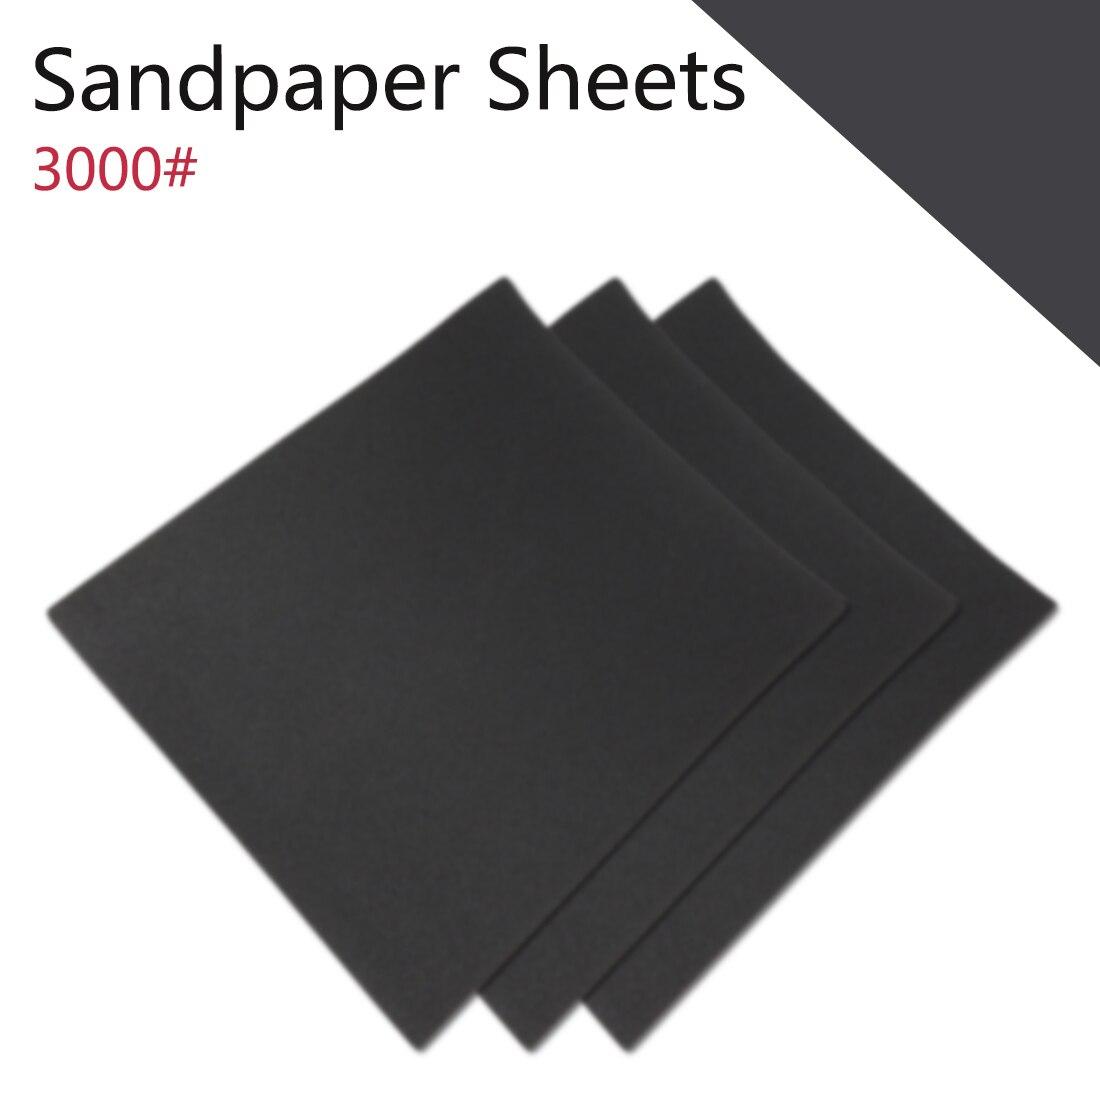 3000 5000 7000 Metal Wood Abrasive Tool Waterproof Sanding Paper Wet Dry Polishing Sandpaper Grit Granularity